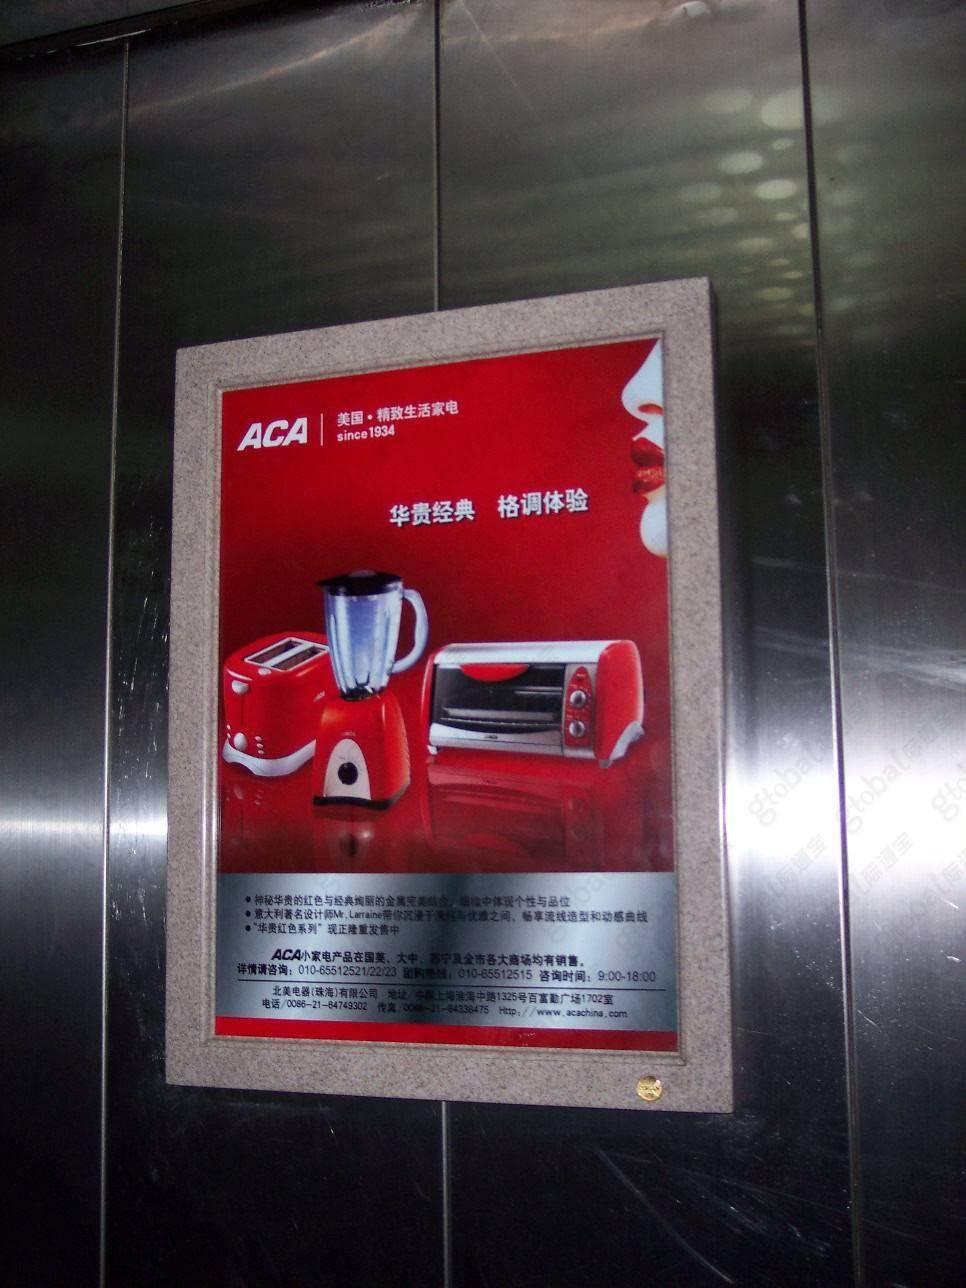 芜湖电梯广告公司广告牌框架3.0投放(100框起投)